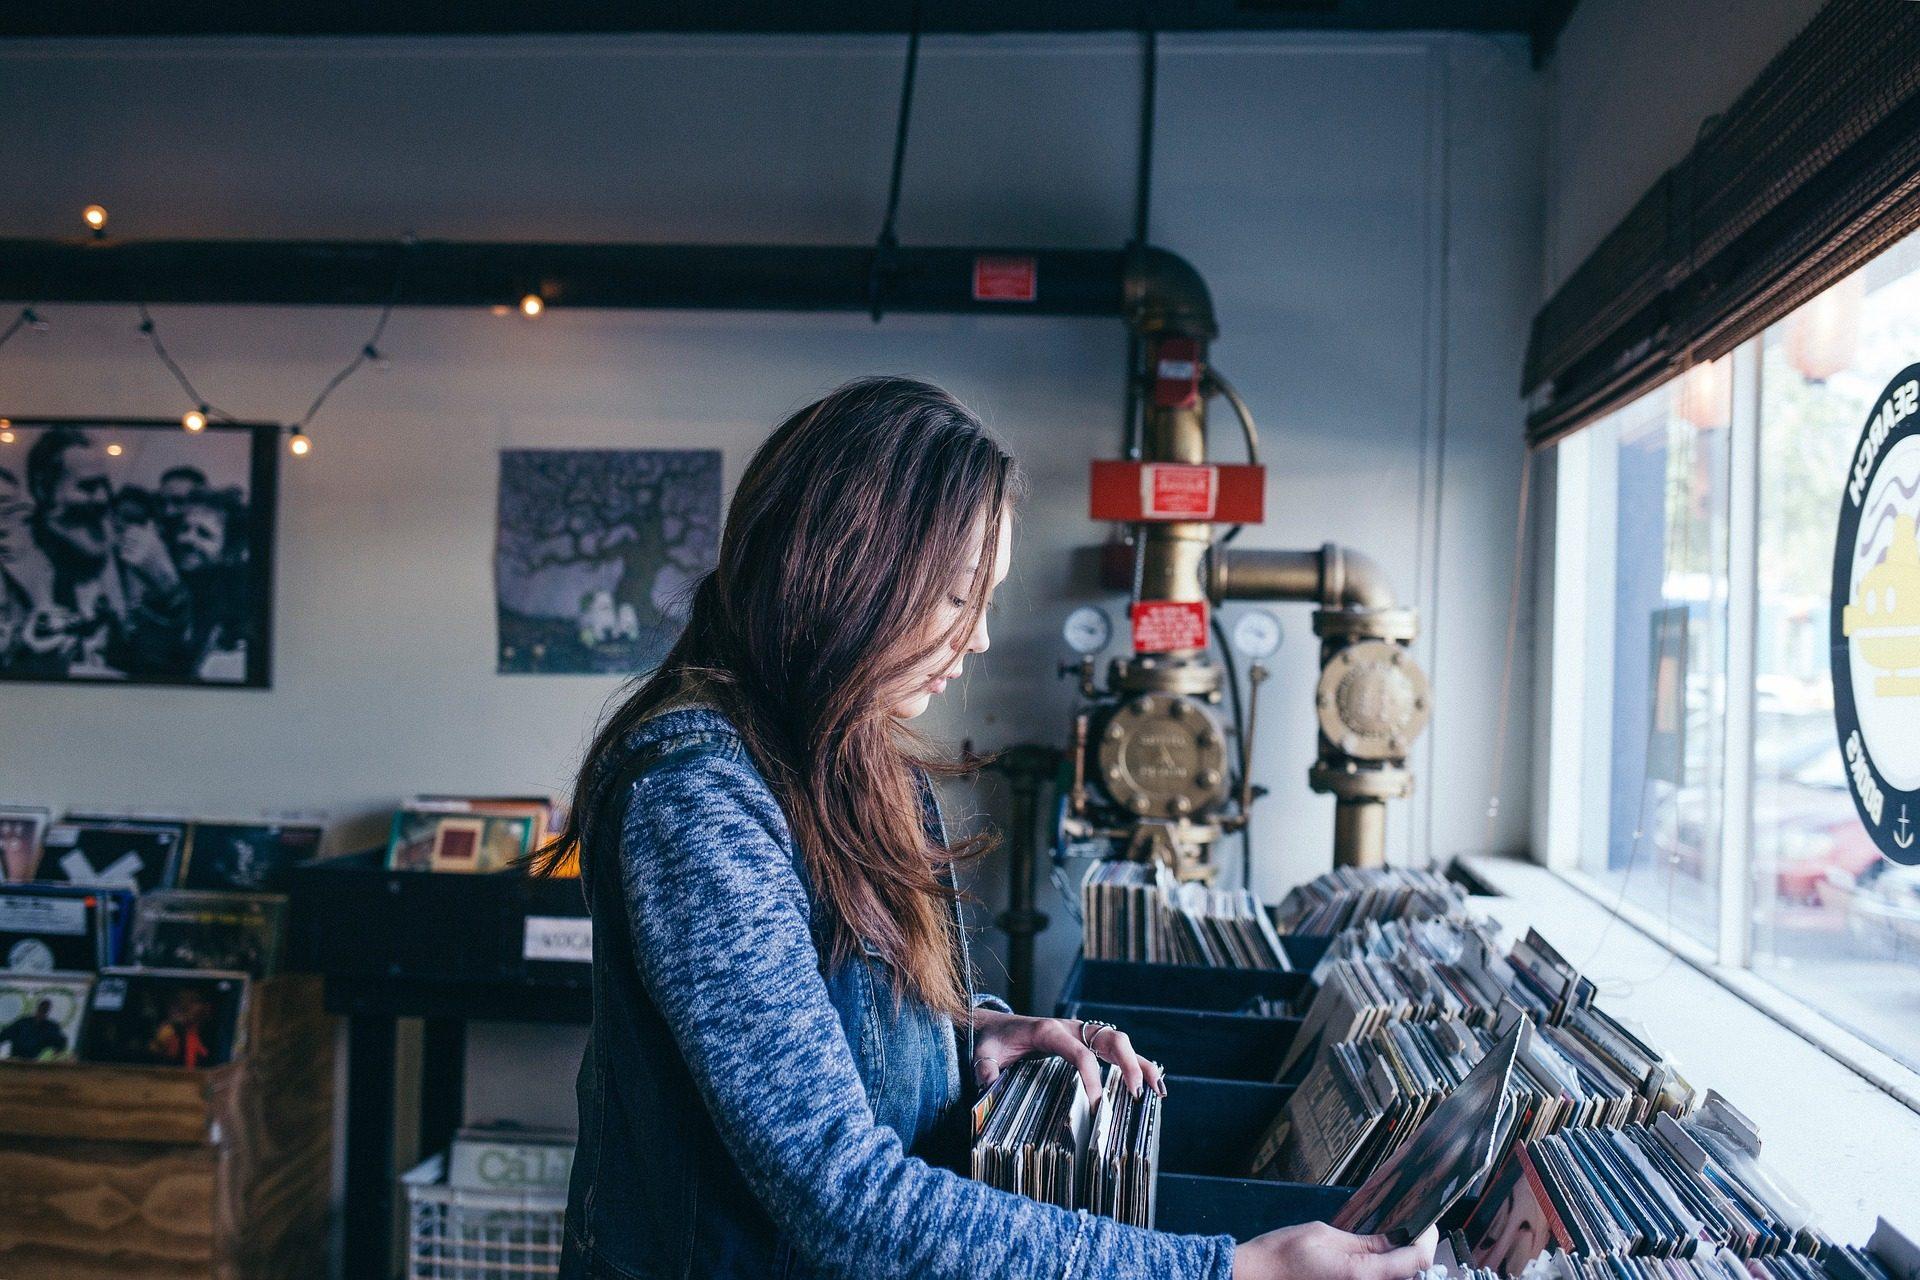 महिला, की दुकान, संगीत, डिस्क, Vinyl - HD वॉलपेपर - प्रोफेसर-falken.com